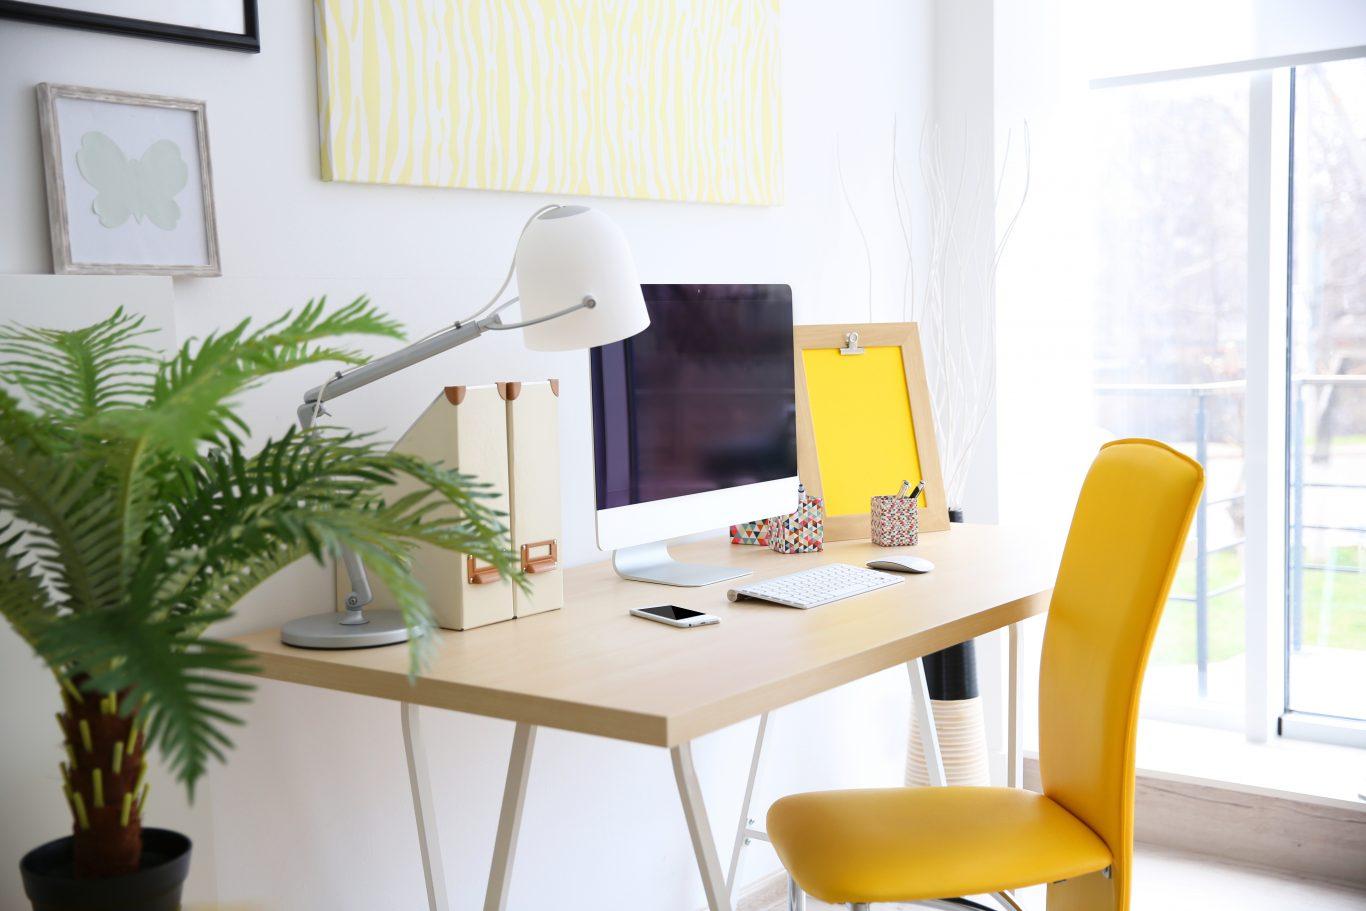 espacio de trabajo iluminado